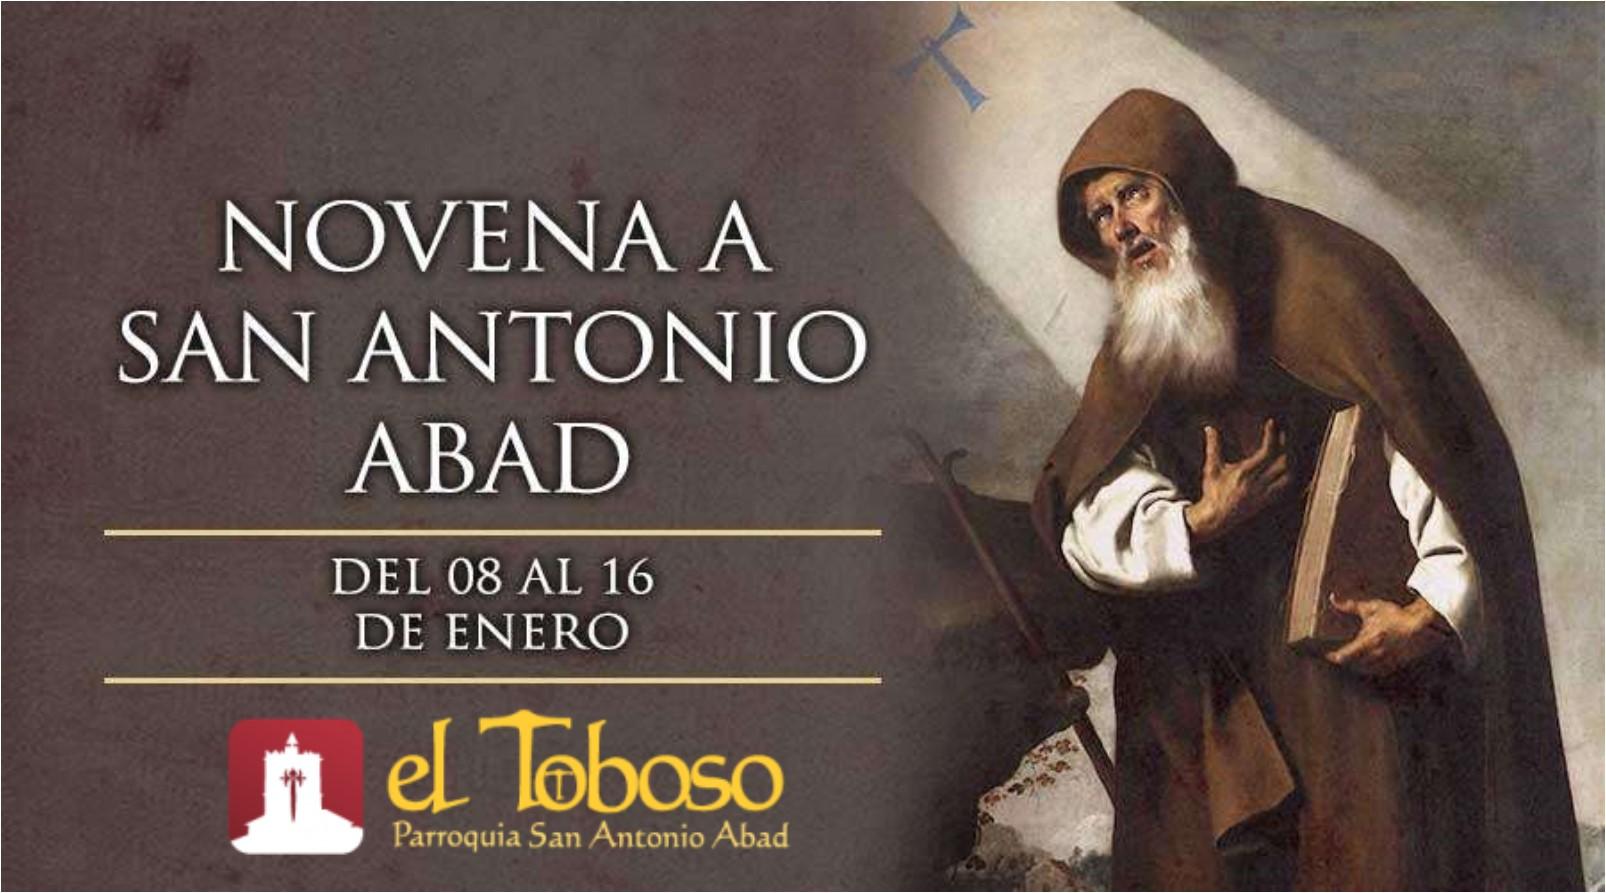 La Parroquia de El Toboso inicia hoy la novena a su Titular y Patrón, «San Antonio Abad»